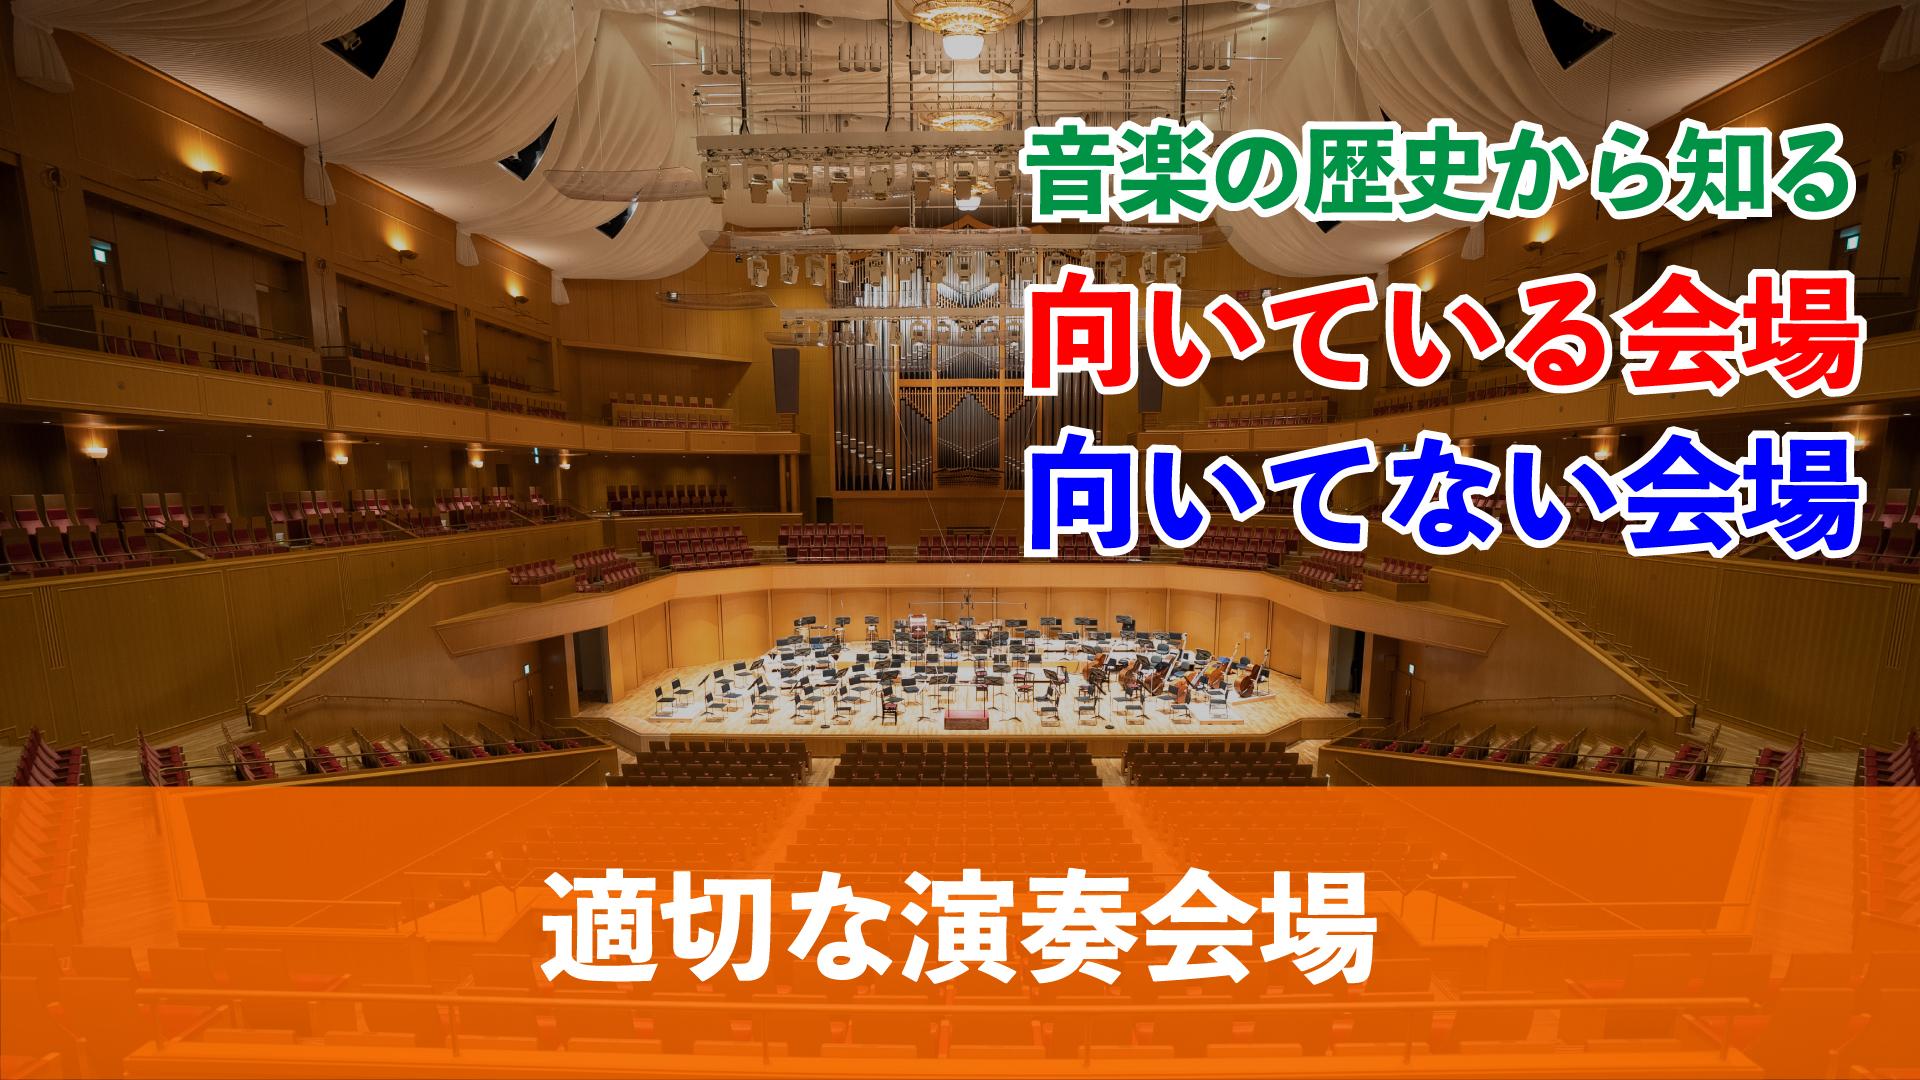 演奏会場の正しい選び方 音楽の歴史から知る